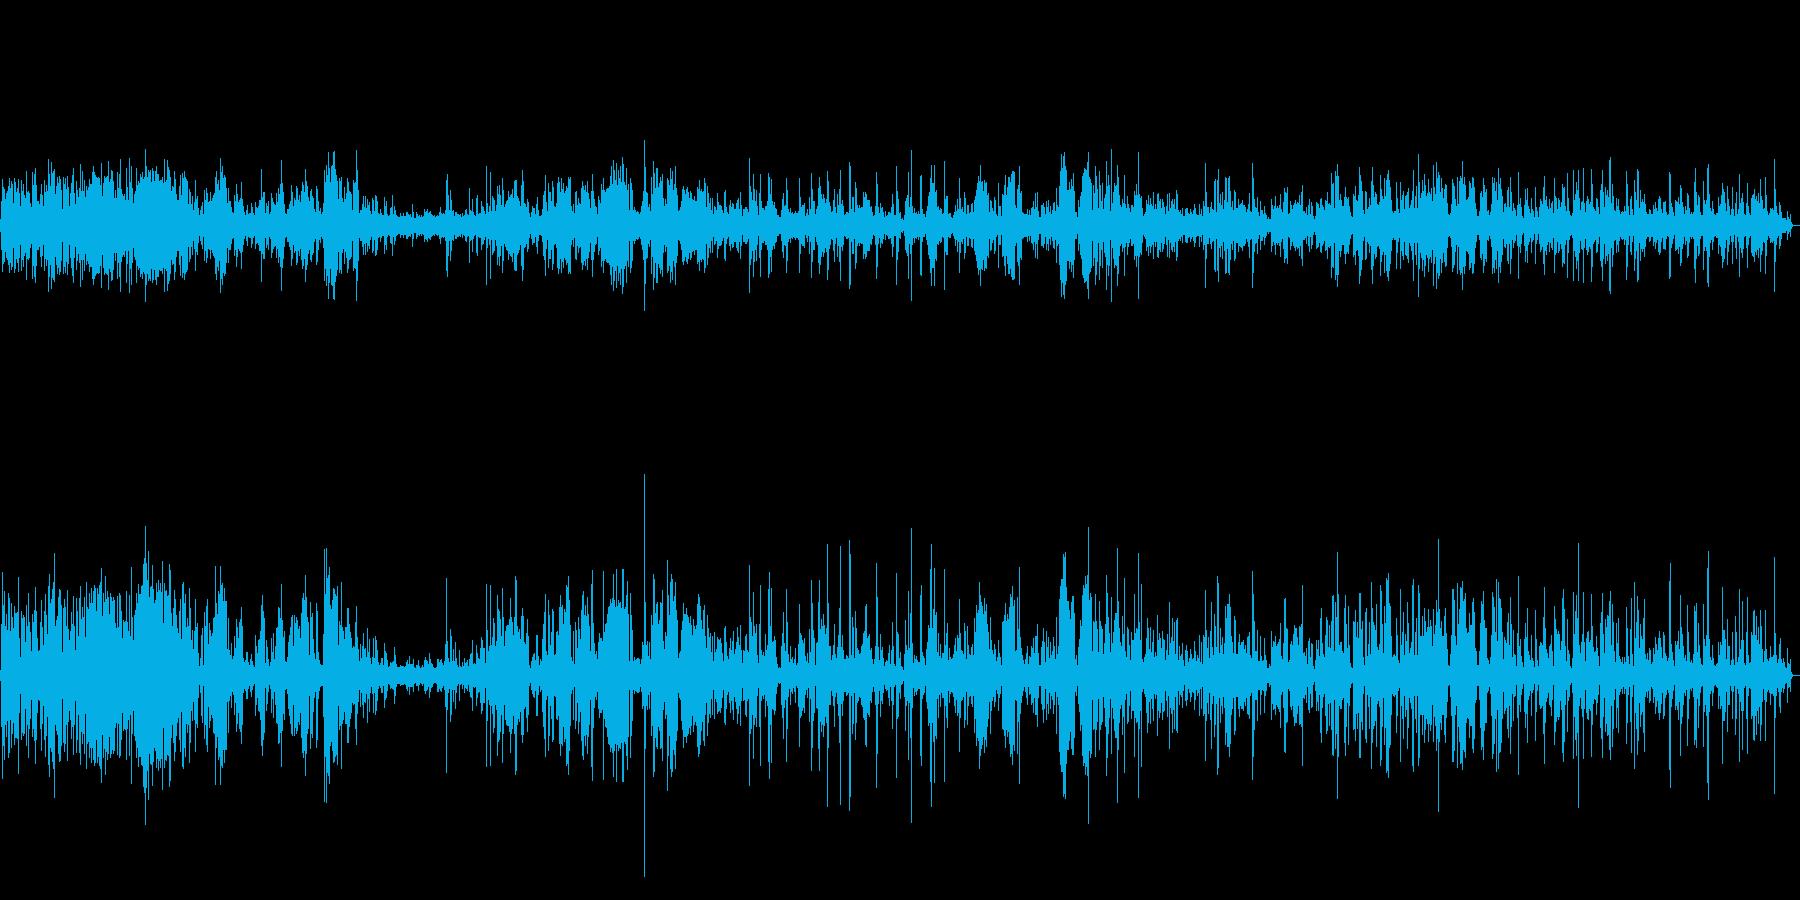 【生録音】春の野鳥のさえずり 1の再生済みの波形